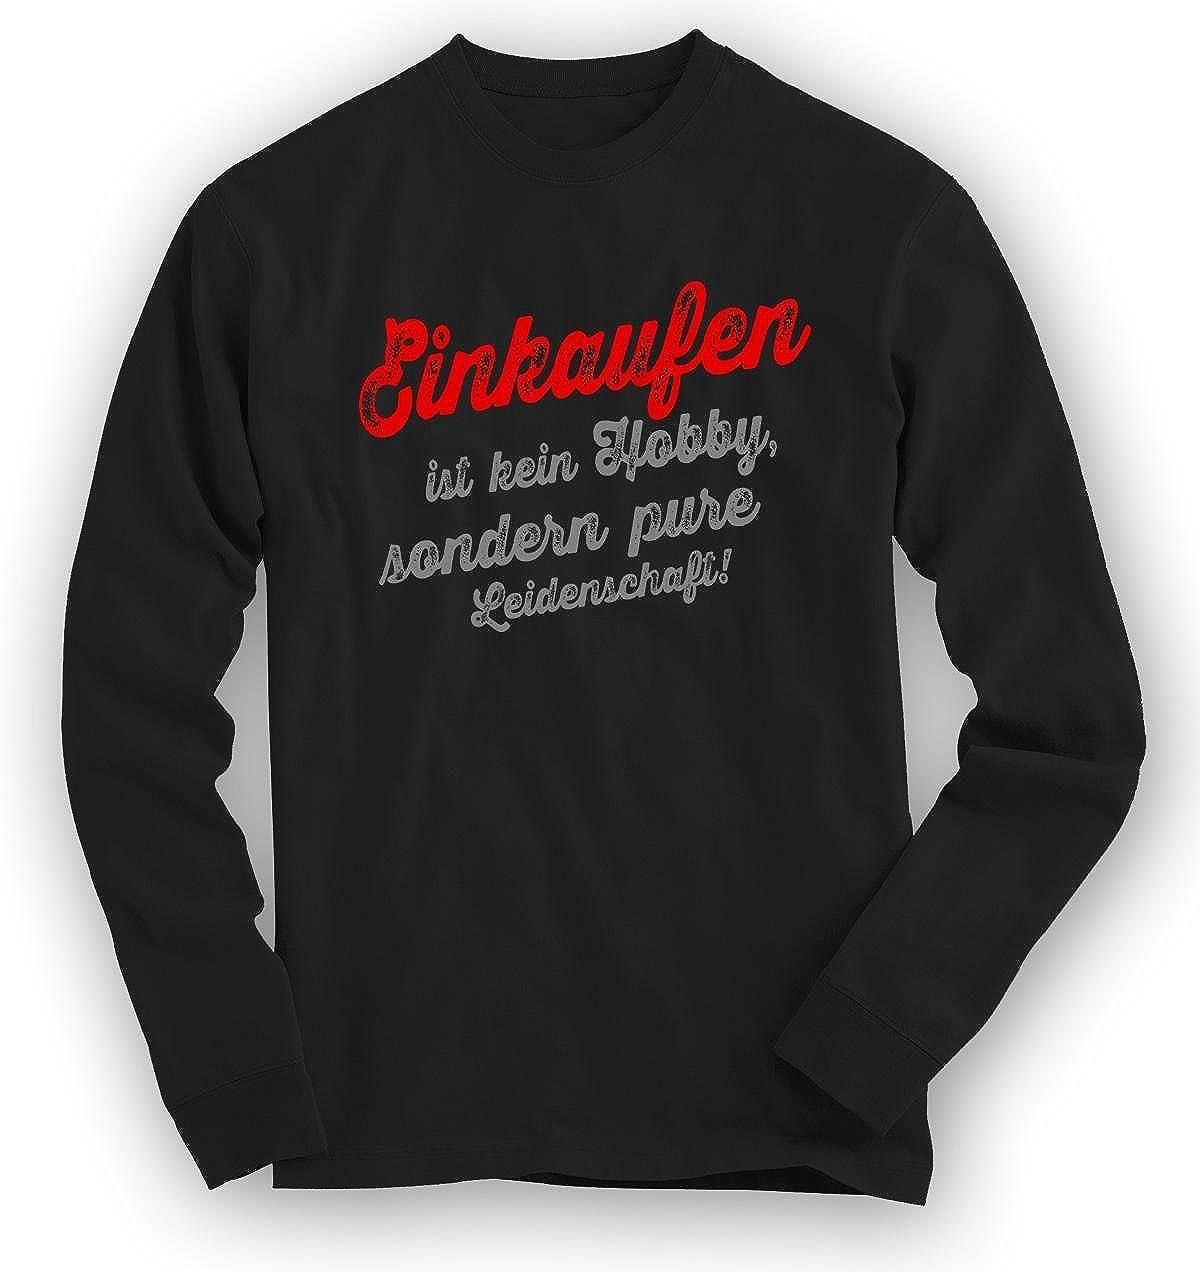 Einkaufen Sweatshirt | Einkauf-Pullover | Hobby | Leidenschaft | Unisex |  Sweatshirts © Shirt Happenz: Amazon.de: Bekleidung